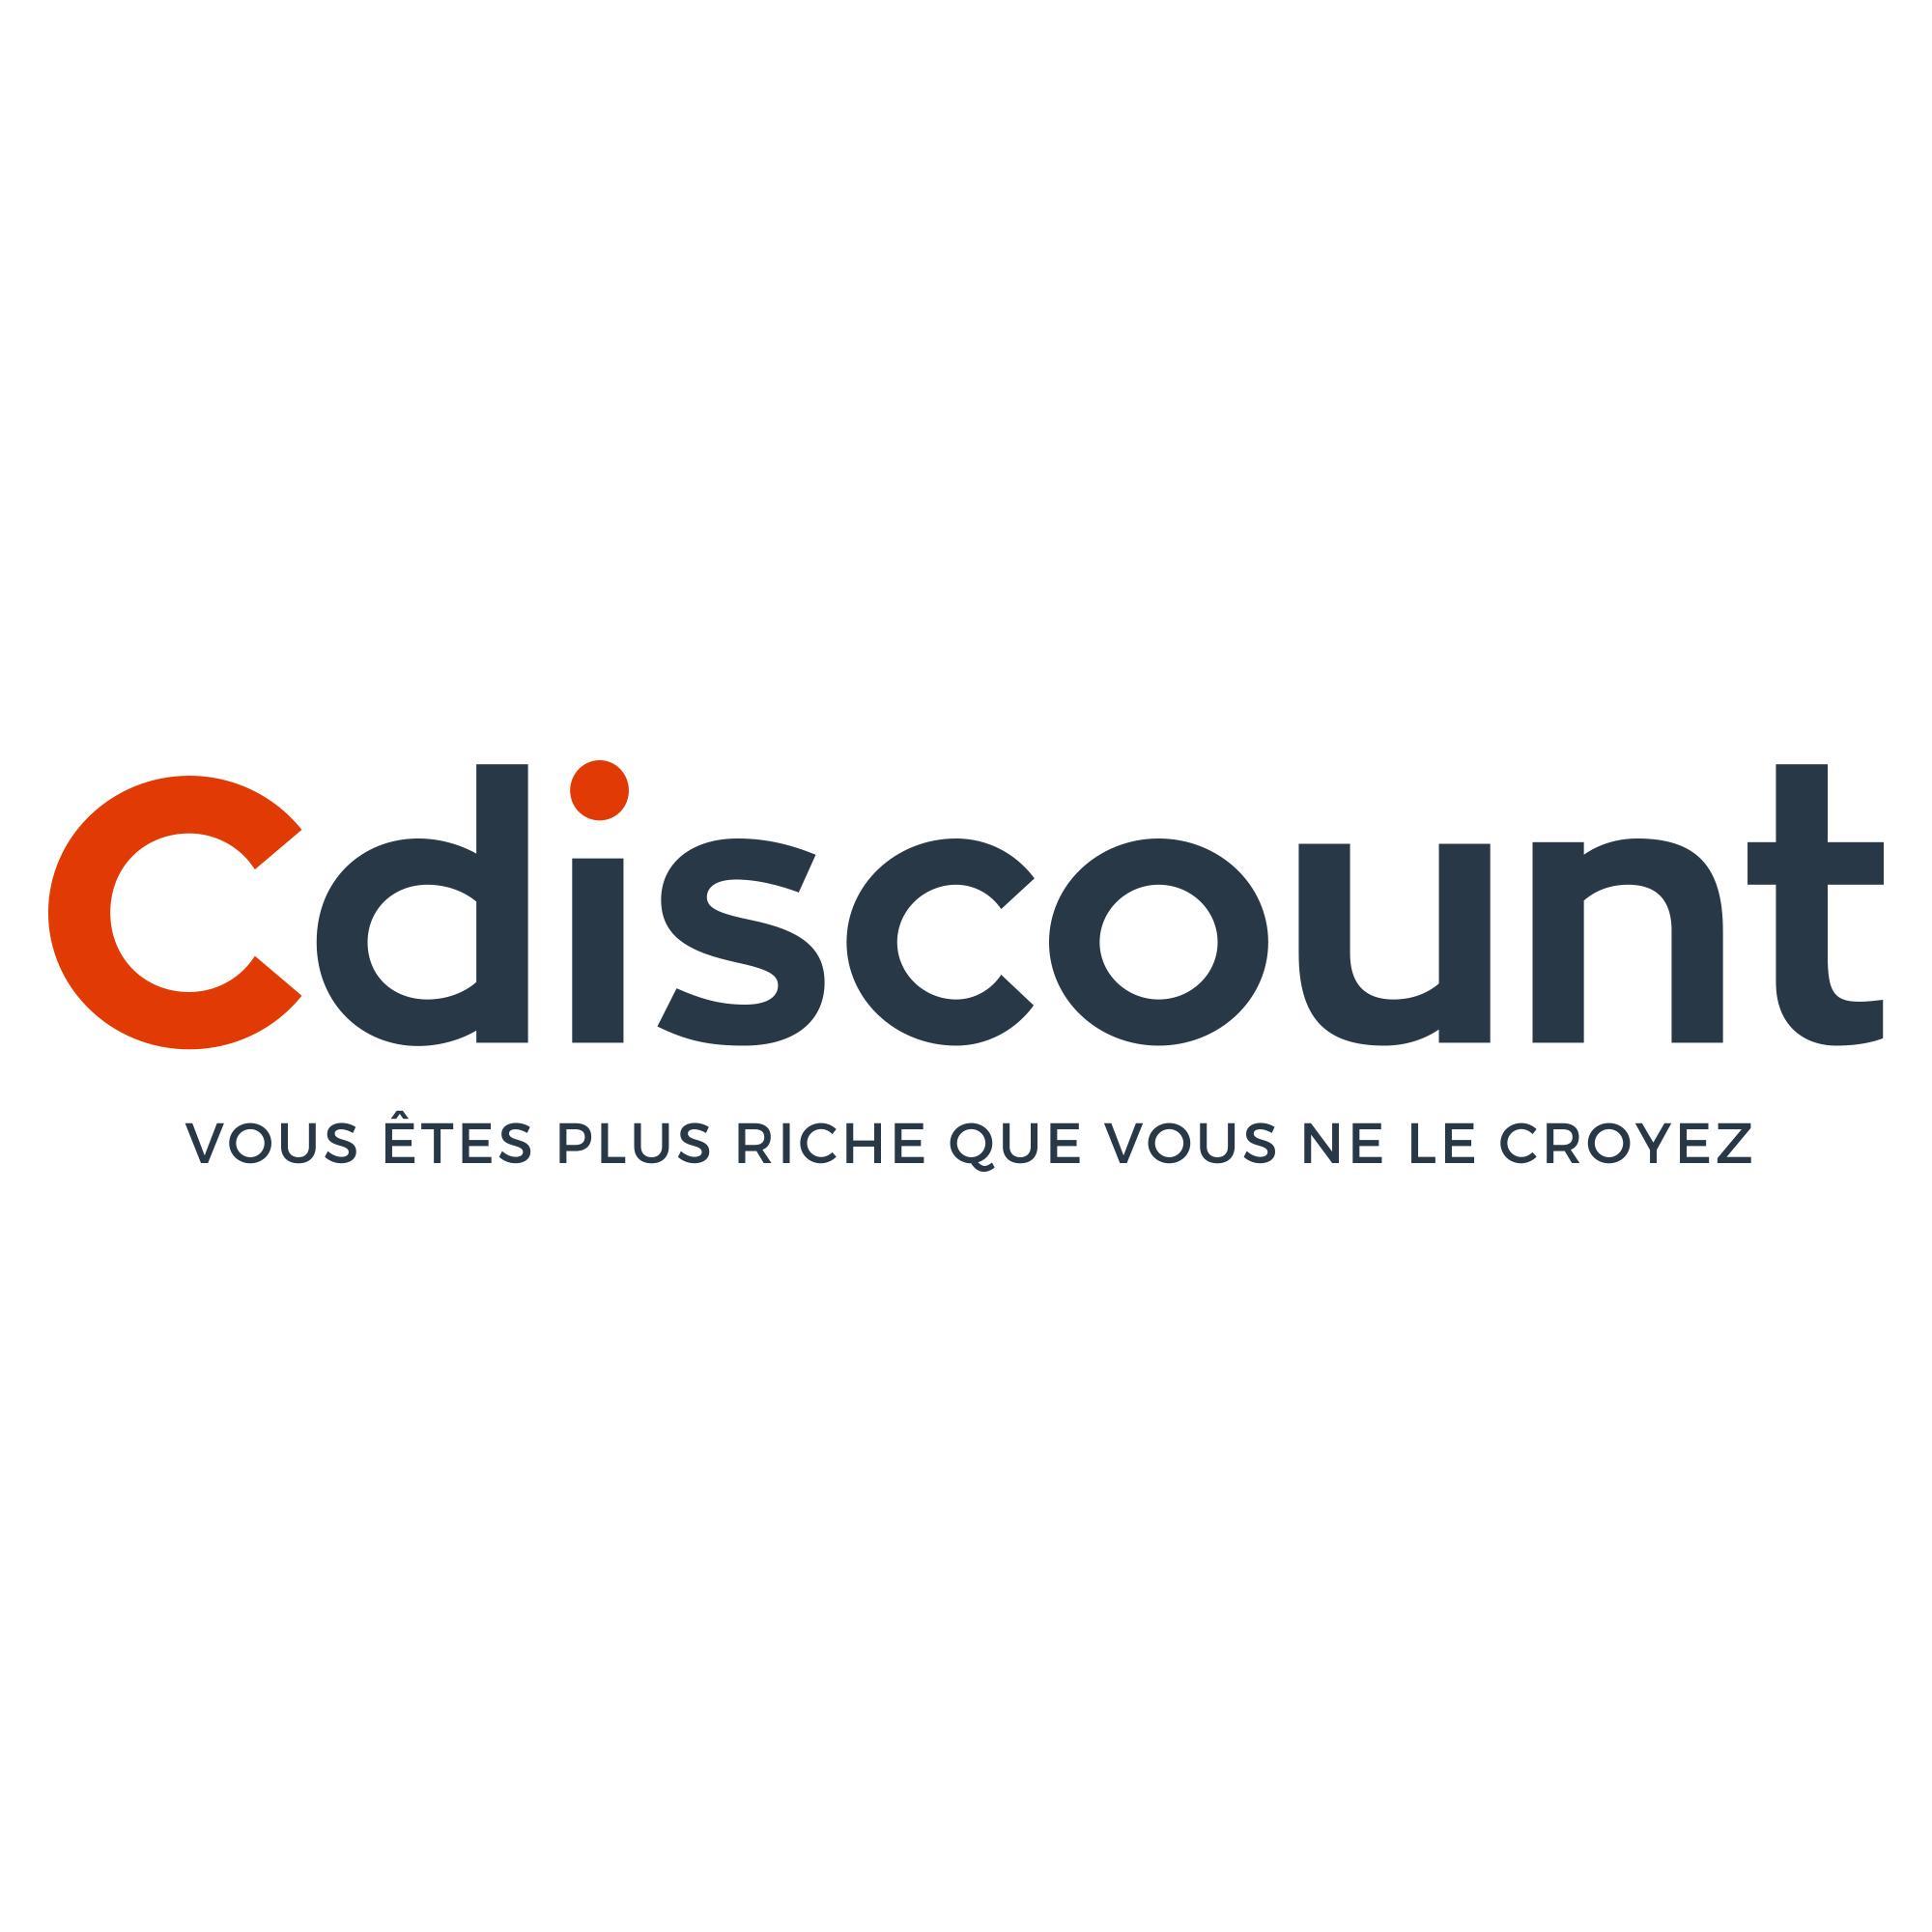 [Nouveaux clients] Abonnement Cdiscount à volonté gratuit la première année dès 99€ d'achat